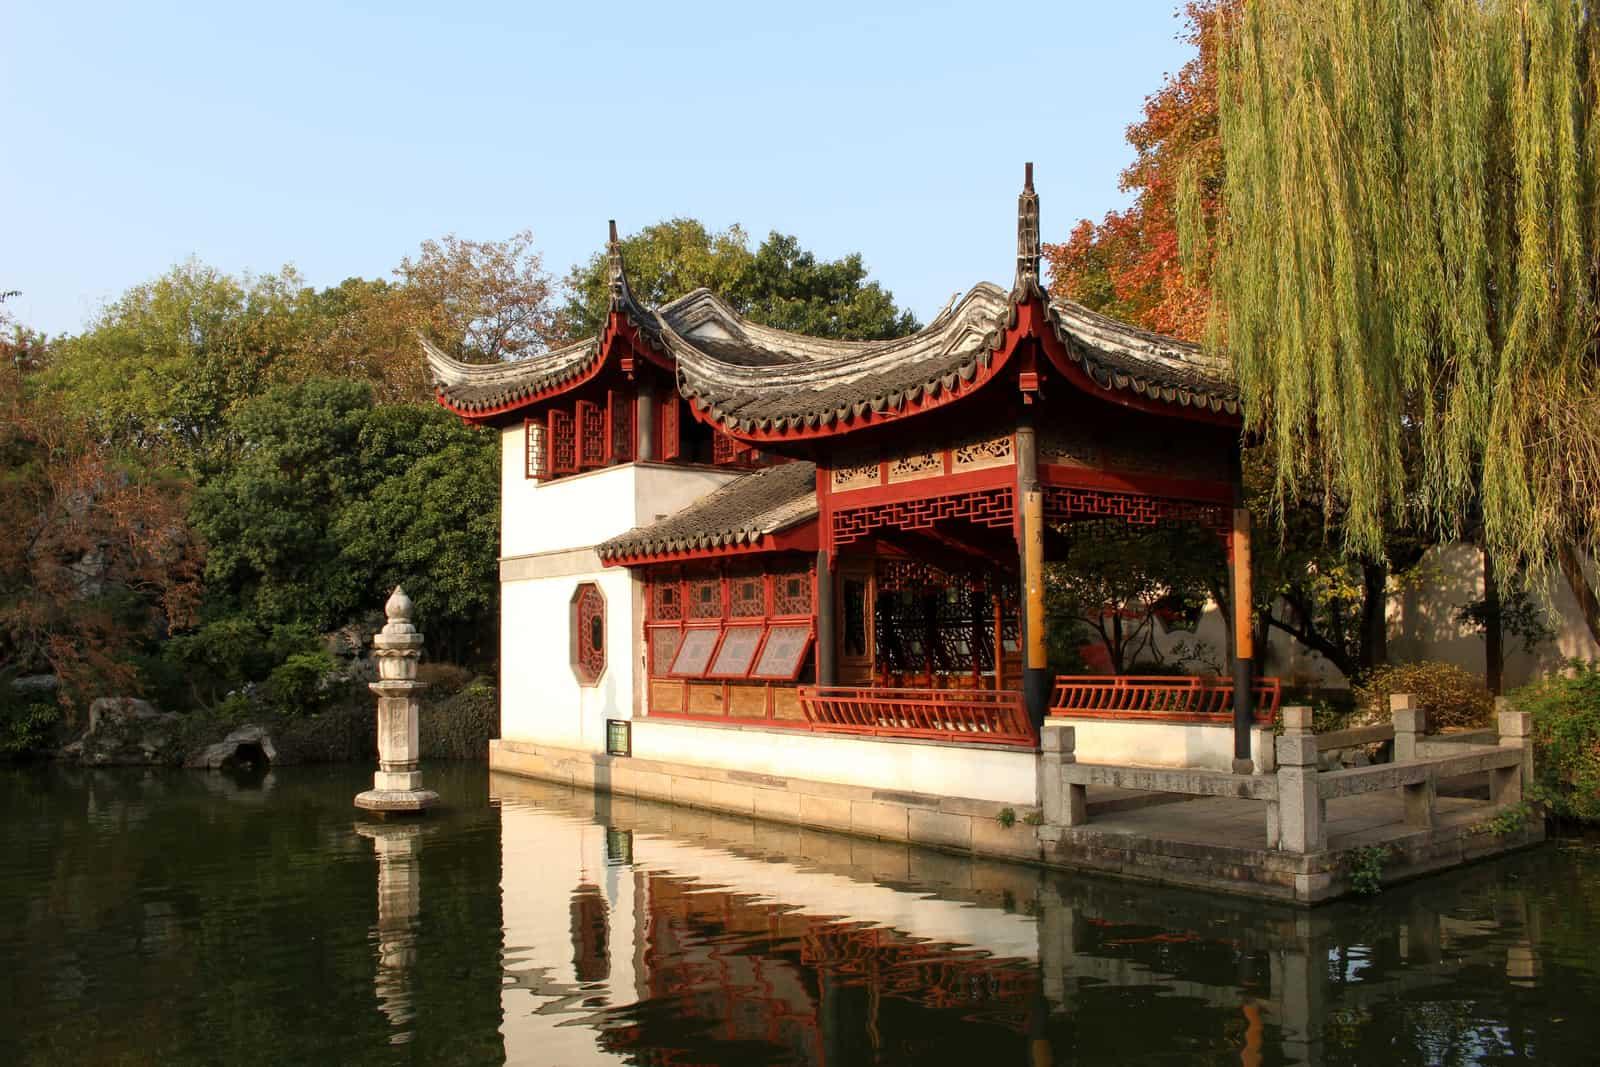 Tongli Water Town Hall